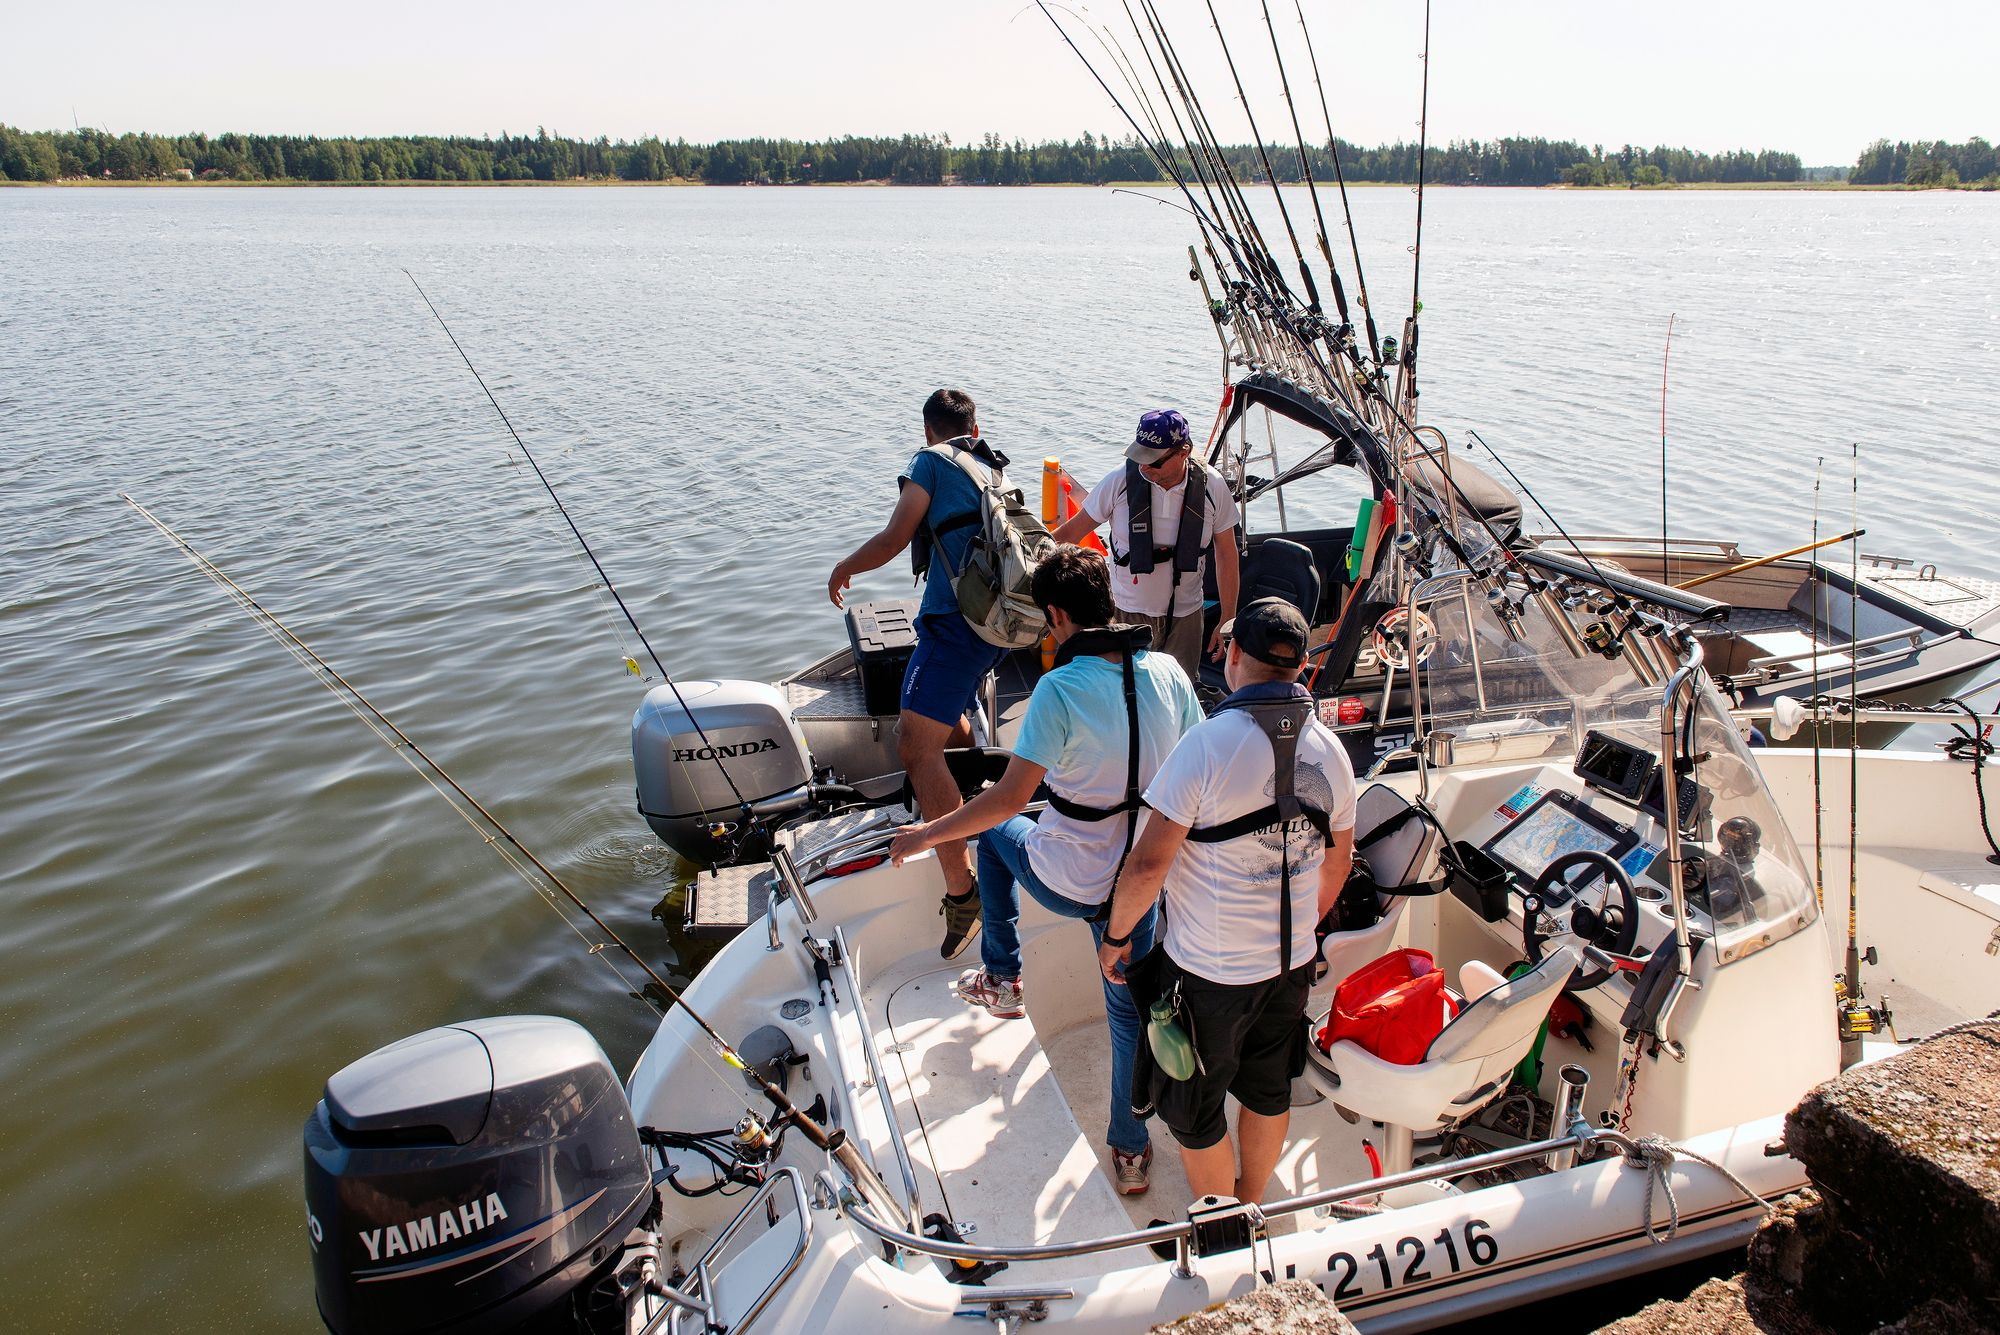 Keskipäivän aikaan toisella veneellä kuullaan radiosta The Beatlesia ja Queenia. Musiikki ei kaloja karkota. © Linda Varoma